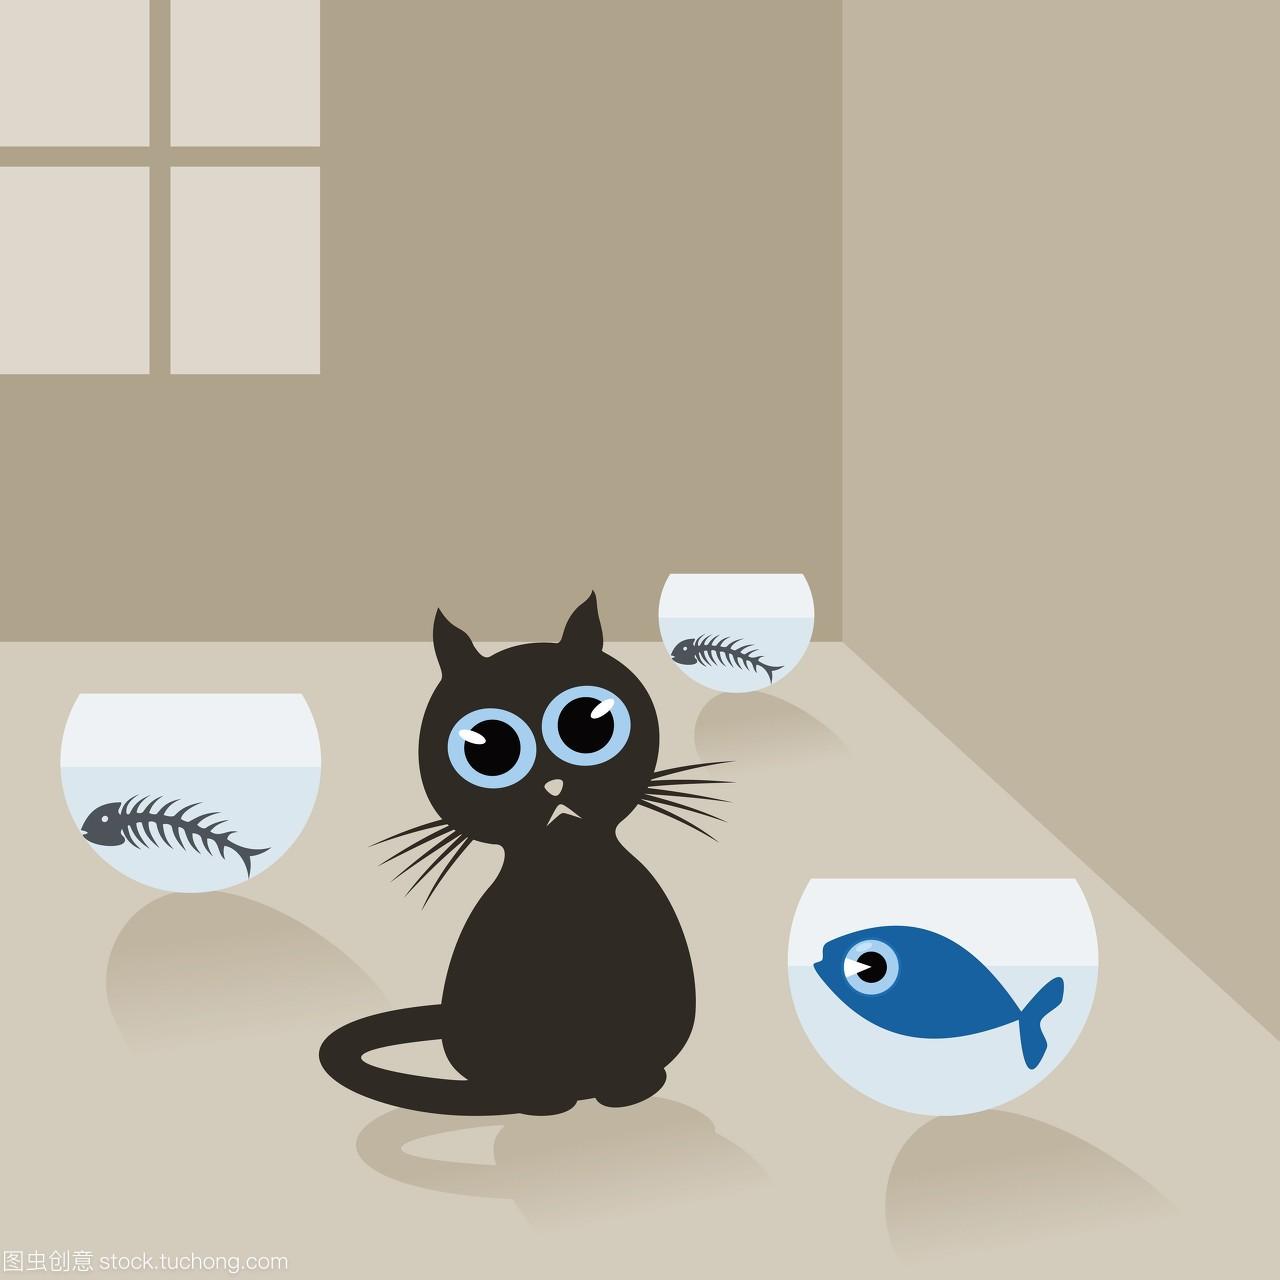 动物主题,动物,海族馆,水族馆,艺术,美术,黑色,黑